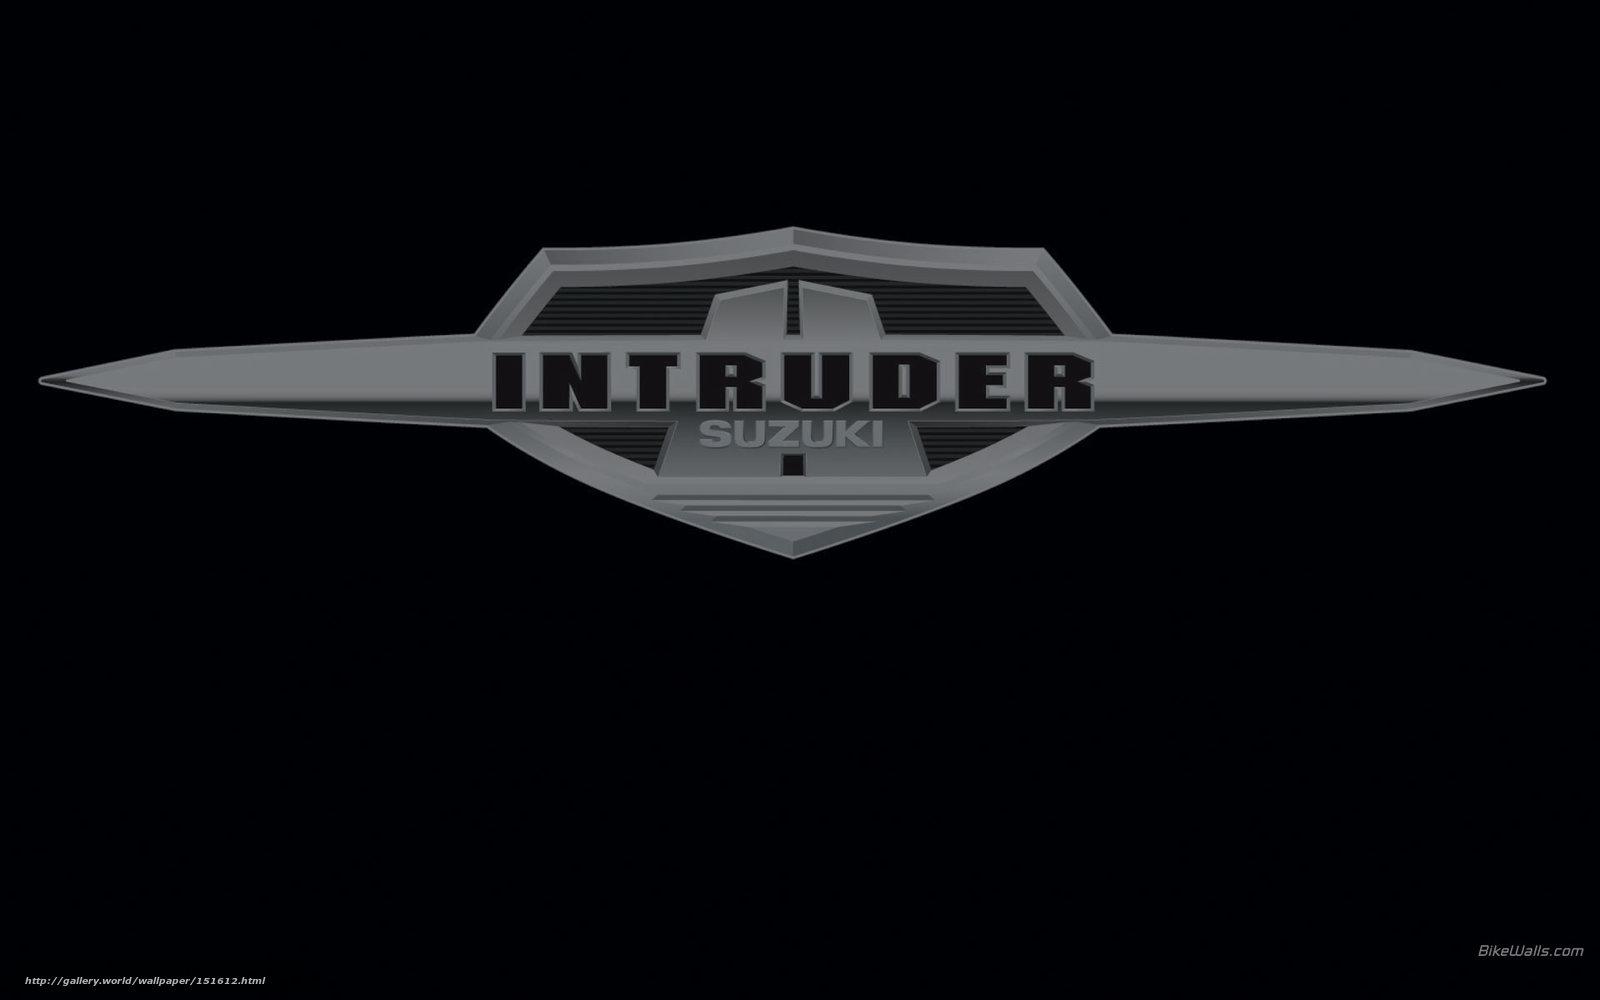 Download Wallpaper Suzuki Custom Intruder M1800r Intruder